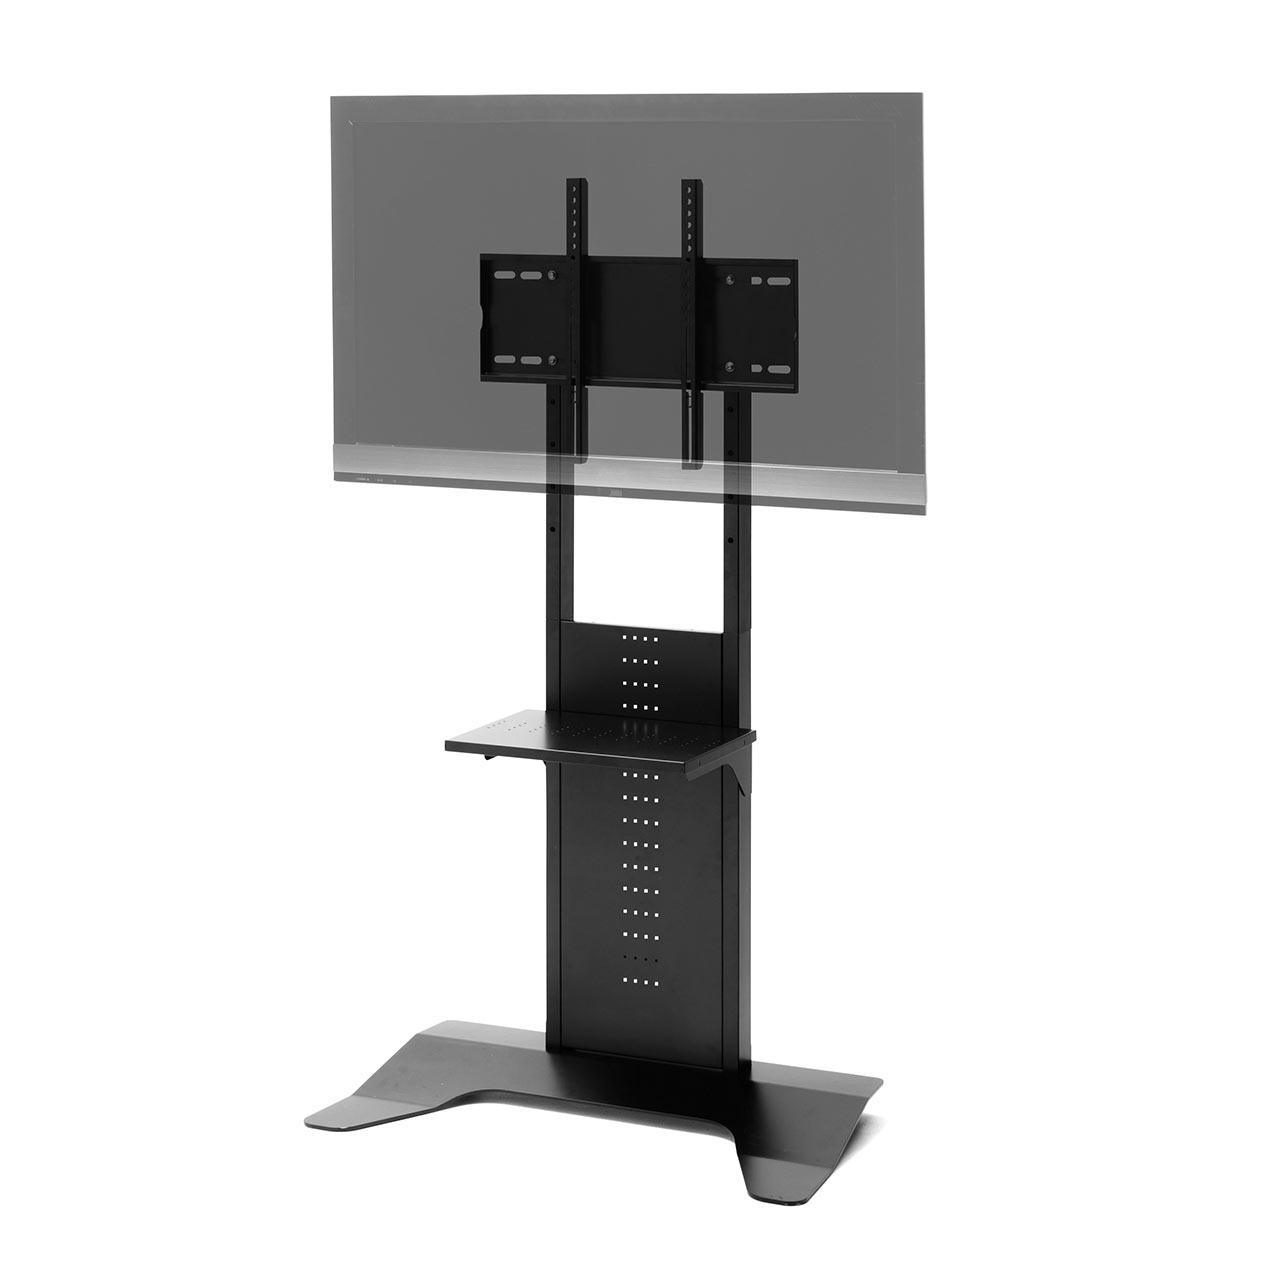 壁寄せテレビスタンド(32型/40型/43型/49型/50型/52型/55型/58型/60型/65型対応・汎用タイプ・5段階高さ調整) [100-PL017BK]